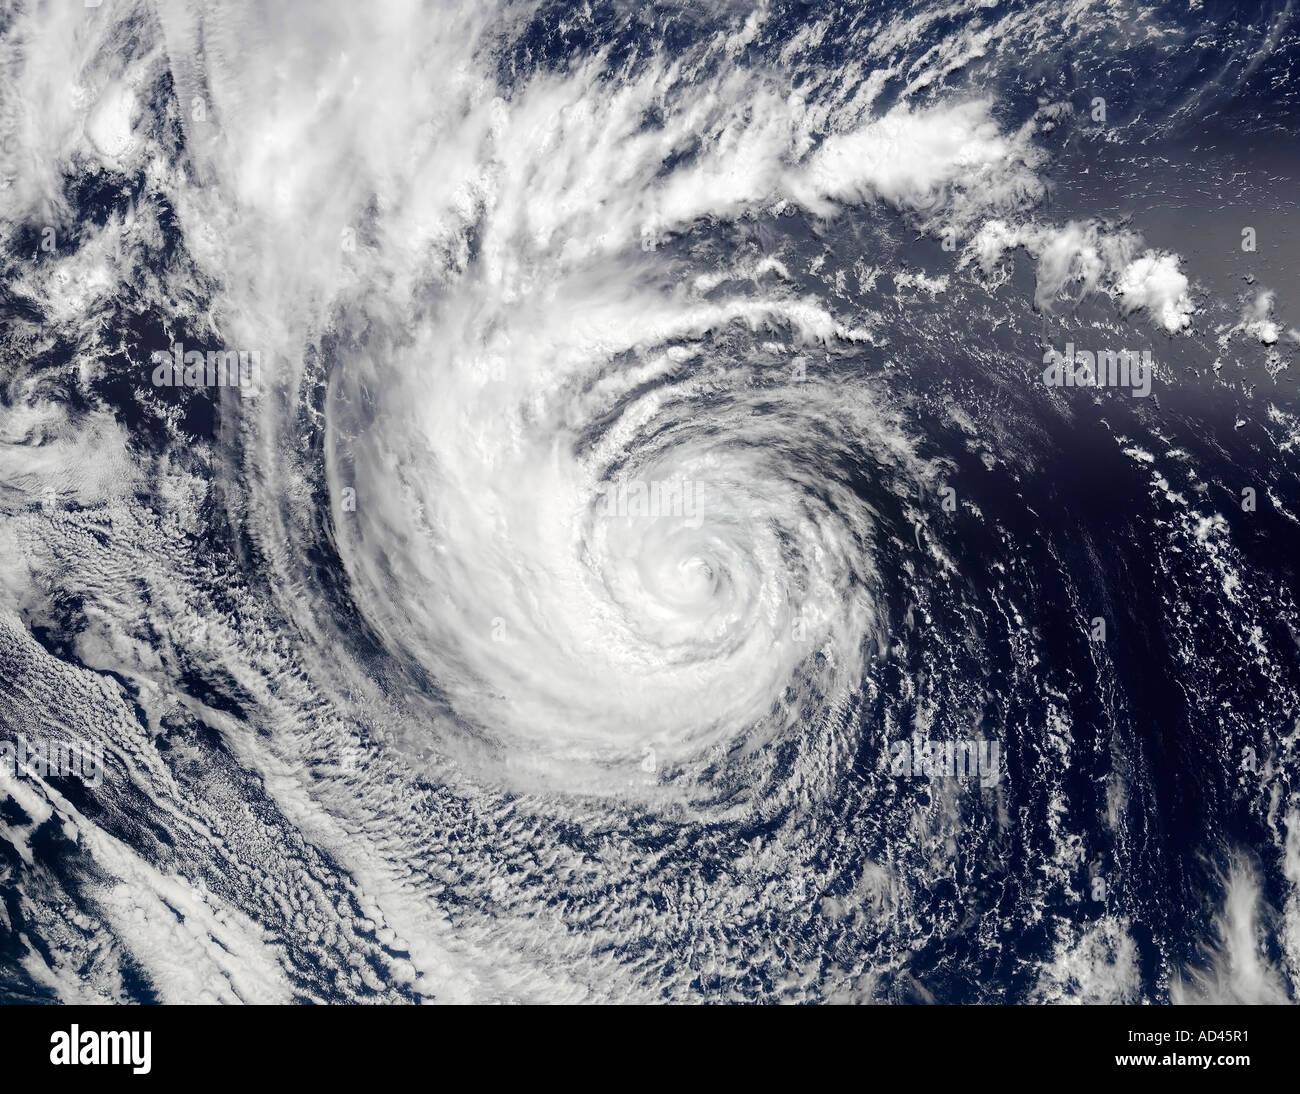 Hurrikan-Ele entnehmen bitte den zentralen Pazifik in diesem True-Color-Bild, aufgenommen am 4. September 2002 Stockbild